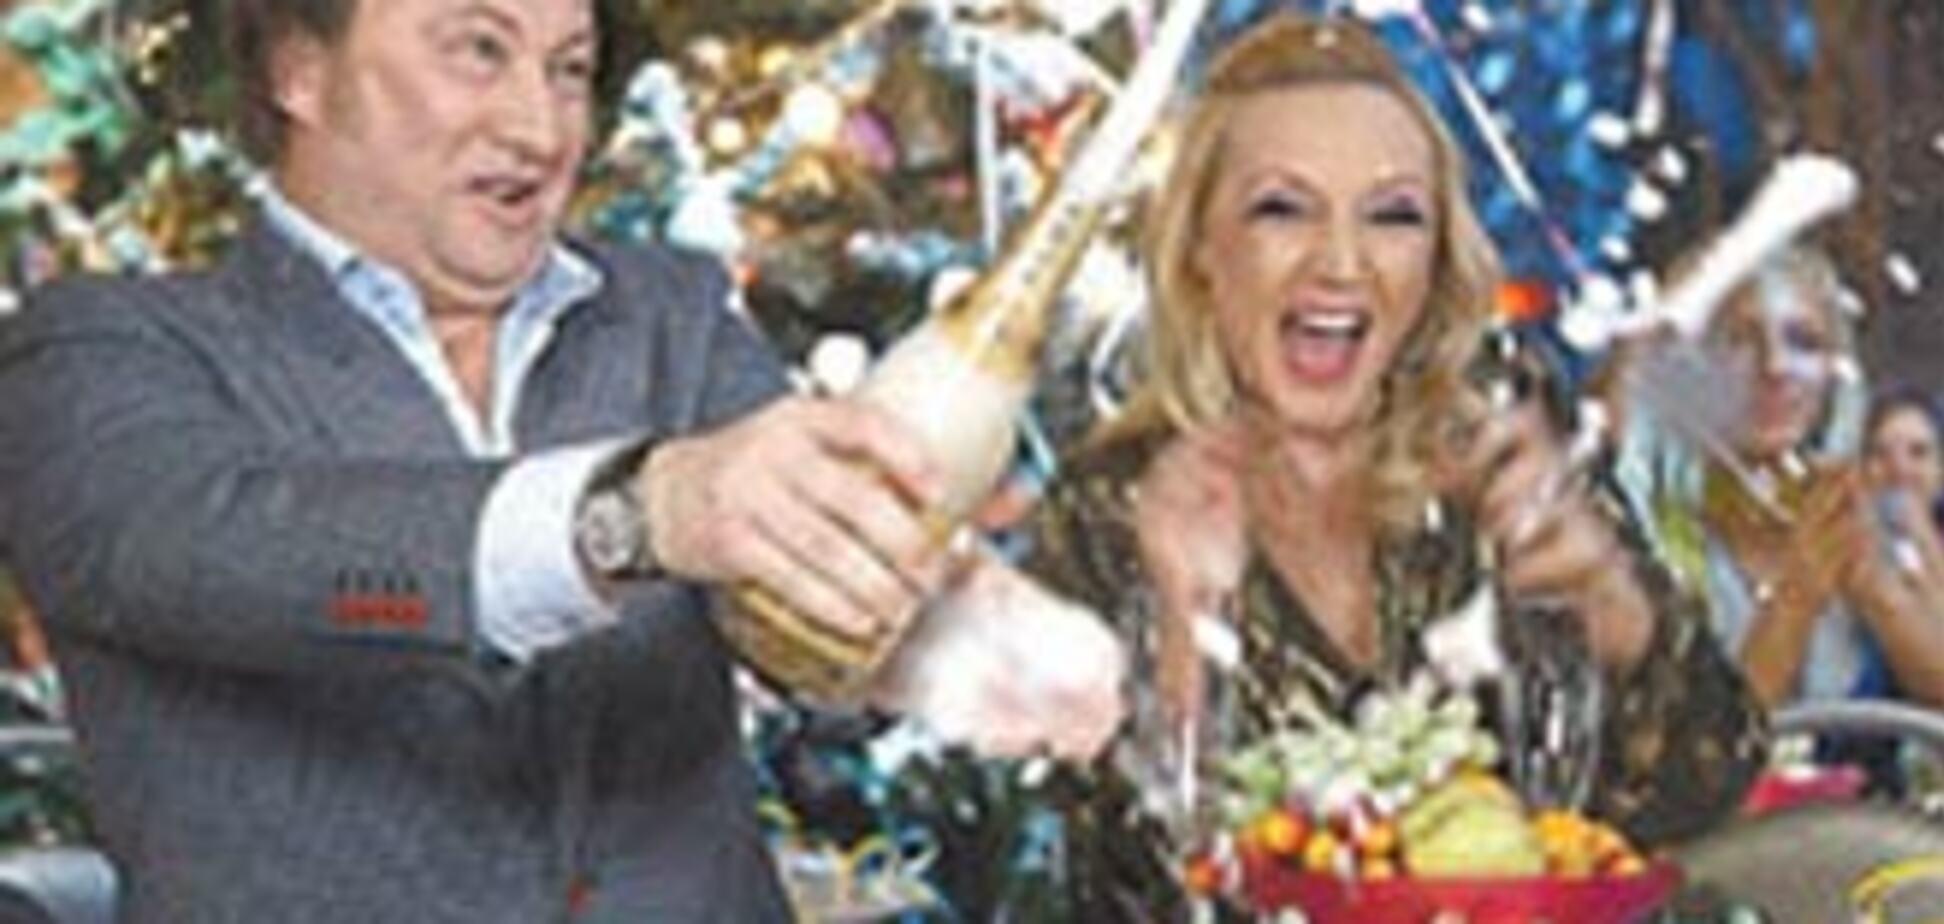 Як правильно поєднувати продукти і напої на Новий рік